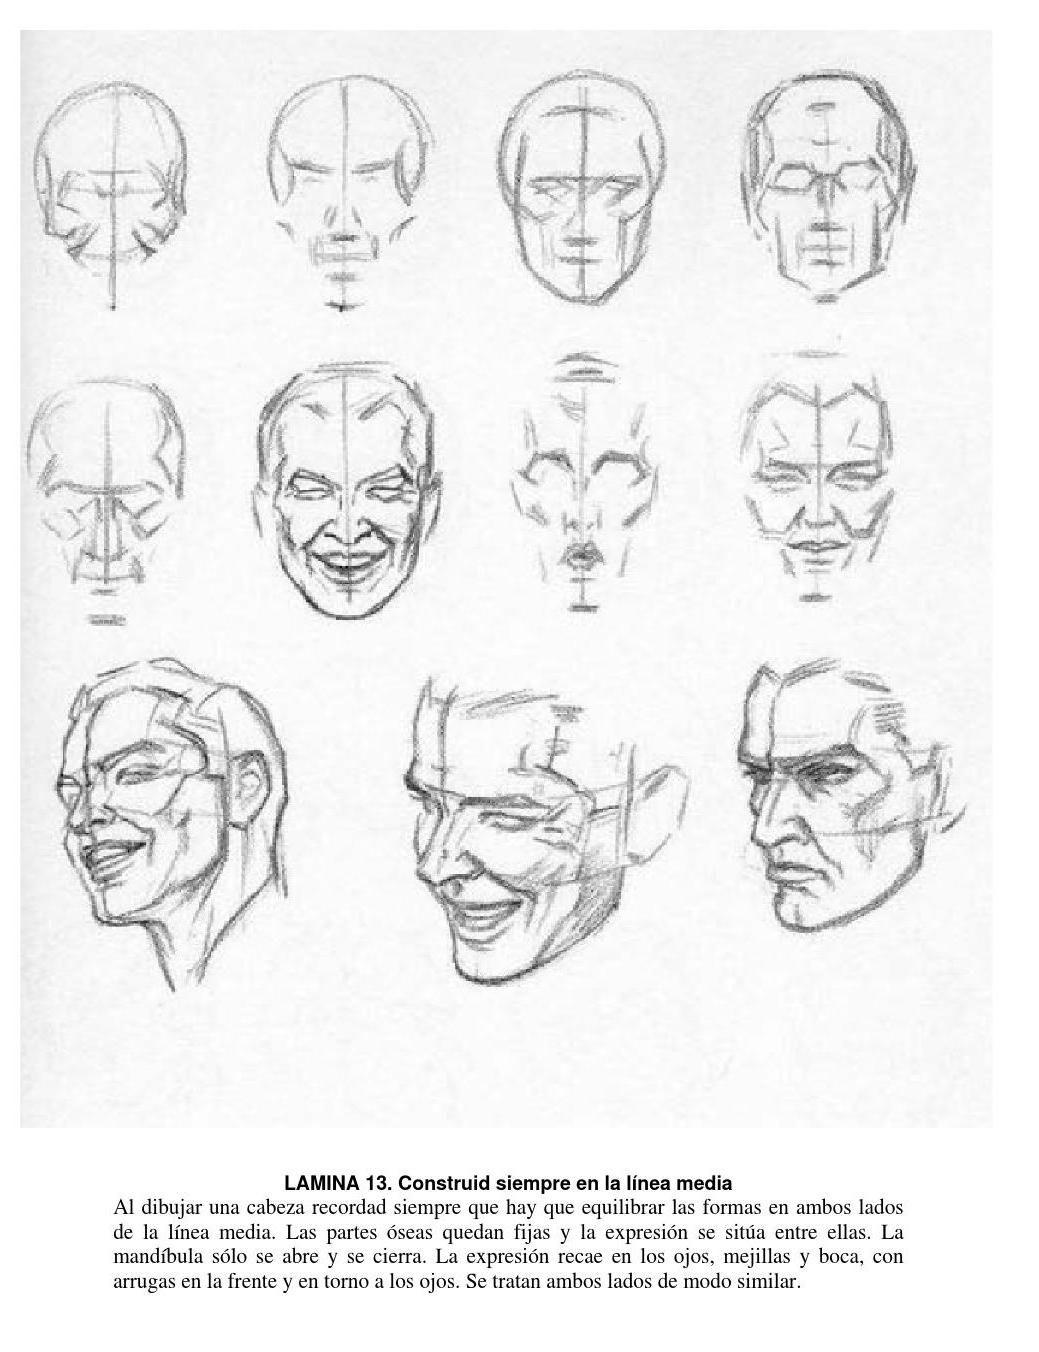 Loomis dibujo de cabeza y manos version en espa±ol